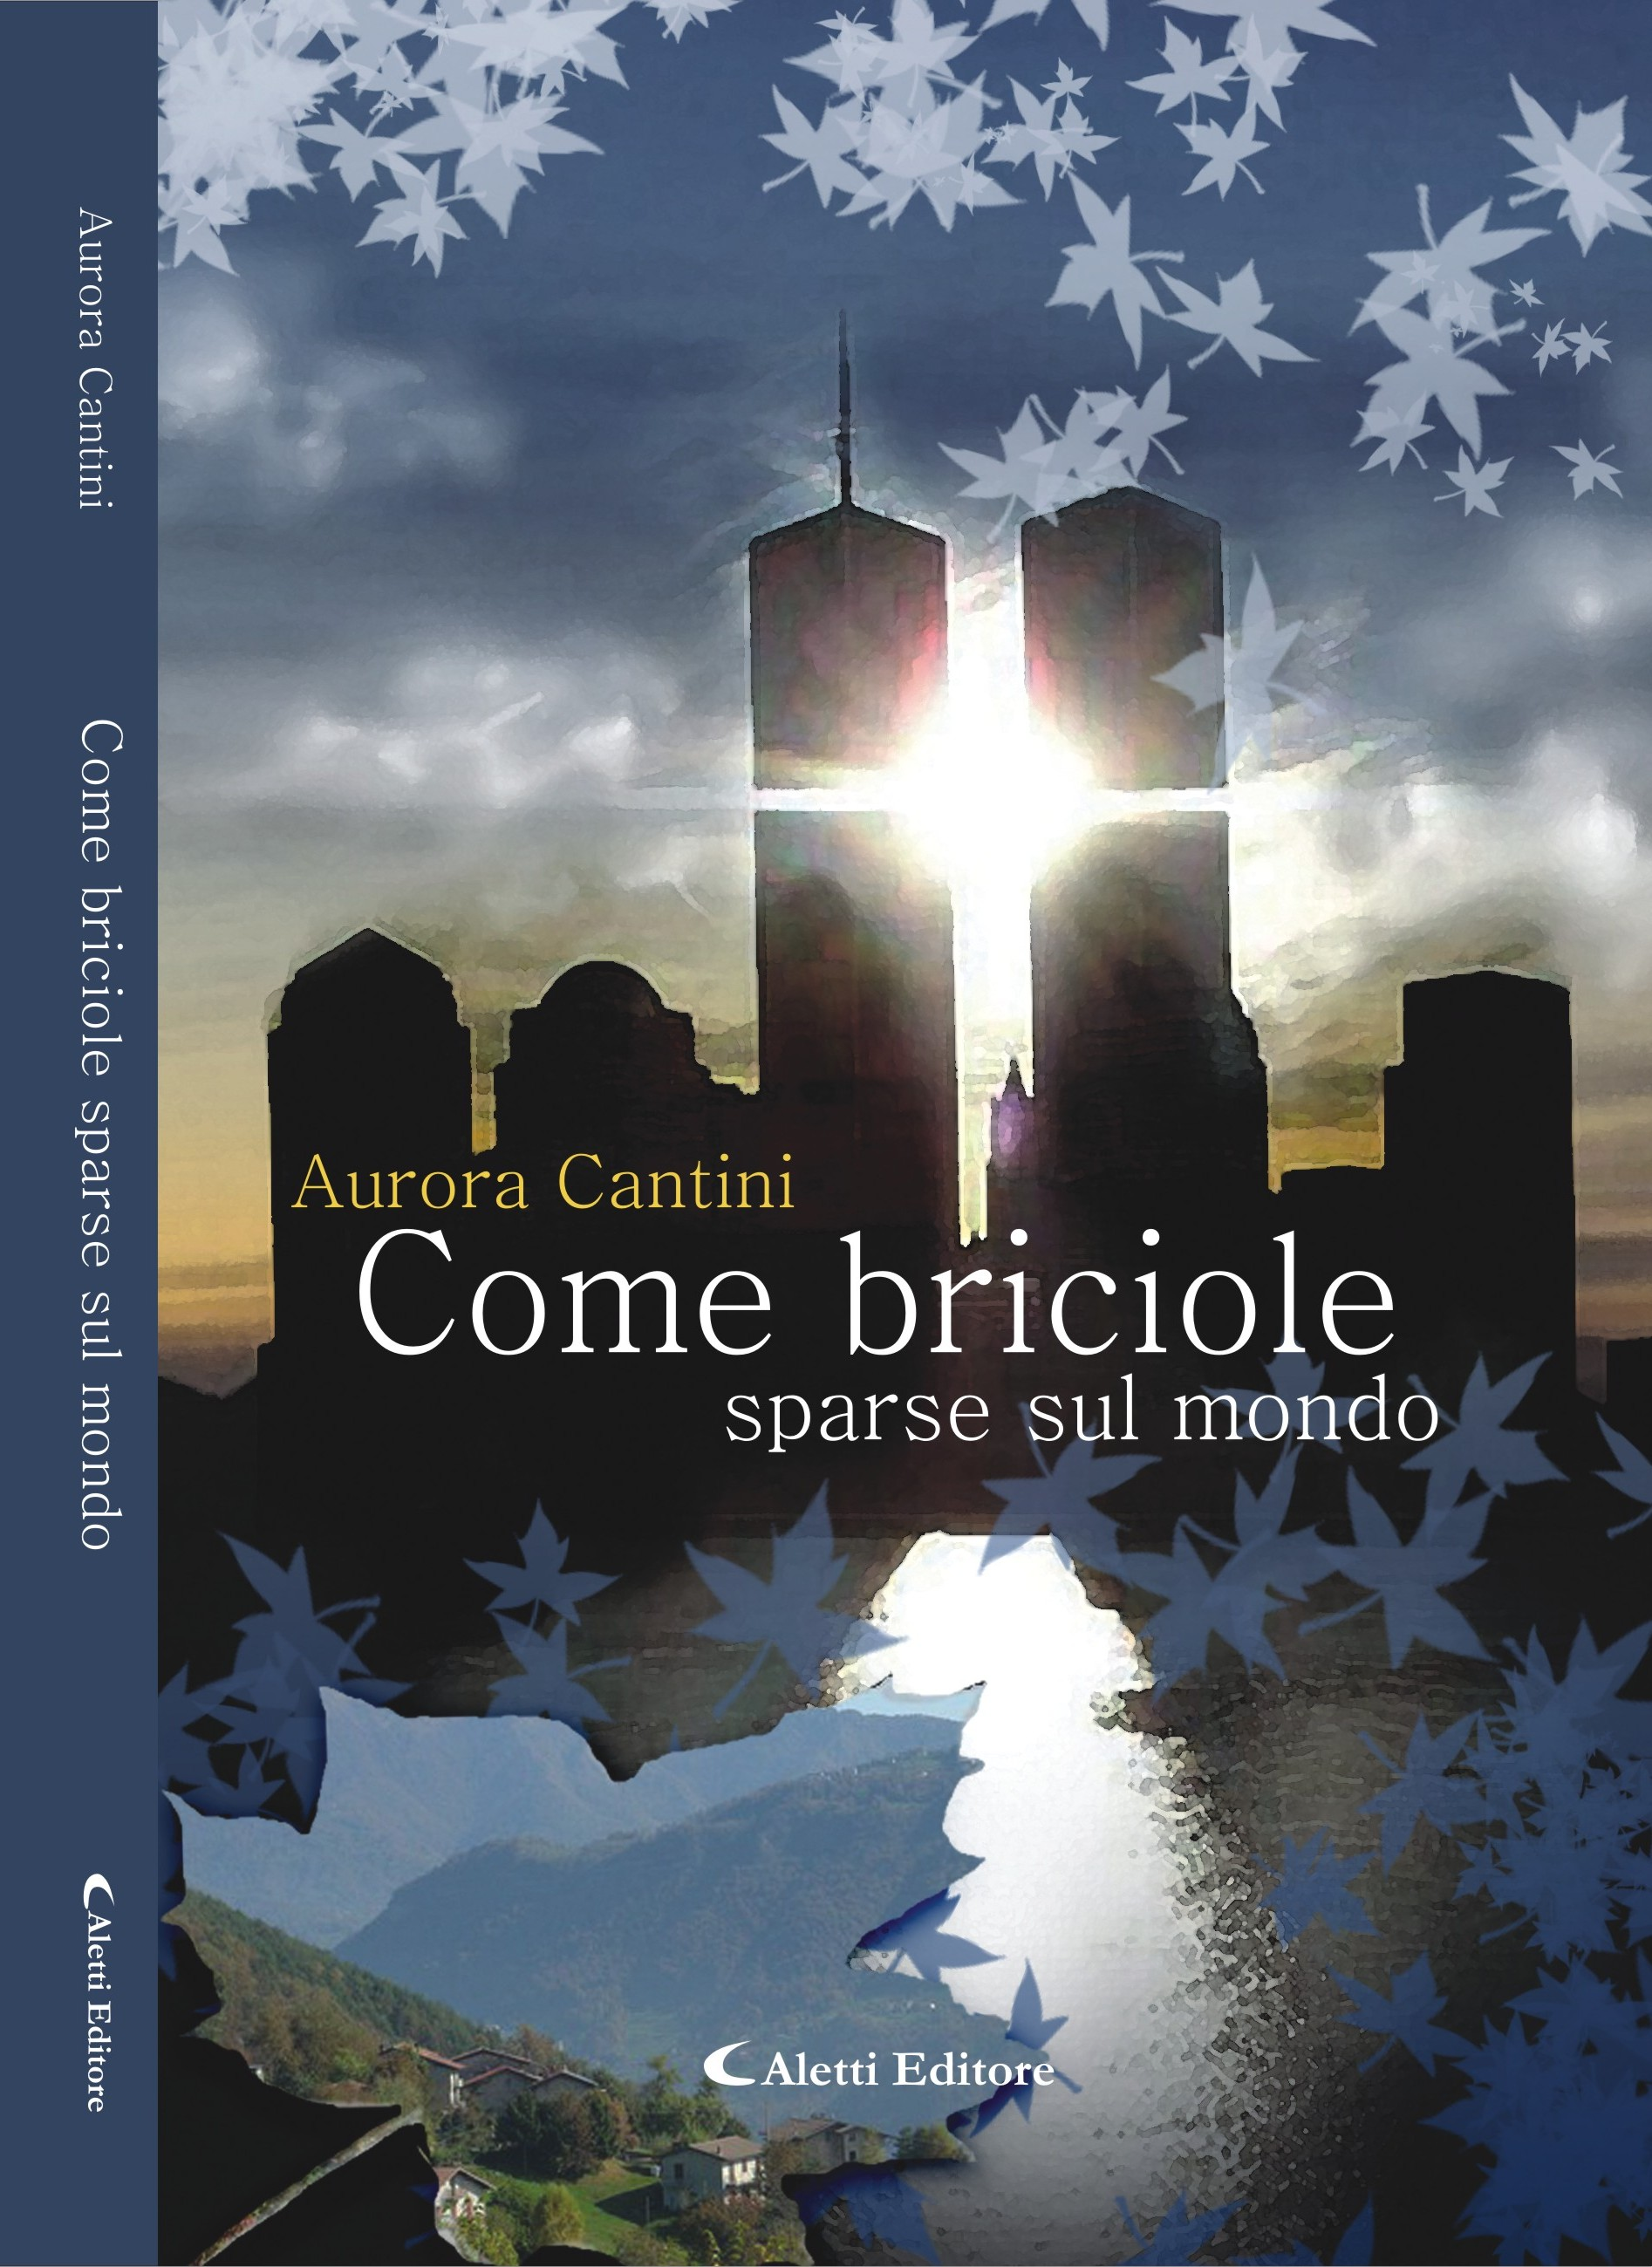 COME BRICIOLE SPARSE SUL MONDO, romanzo di Aurora Cantini sulla tragedia delle Torri Gemelle vista con gli occhi di una ragazza italiana delle valli bergamasche